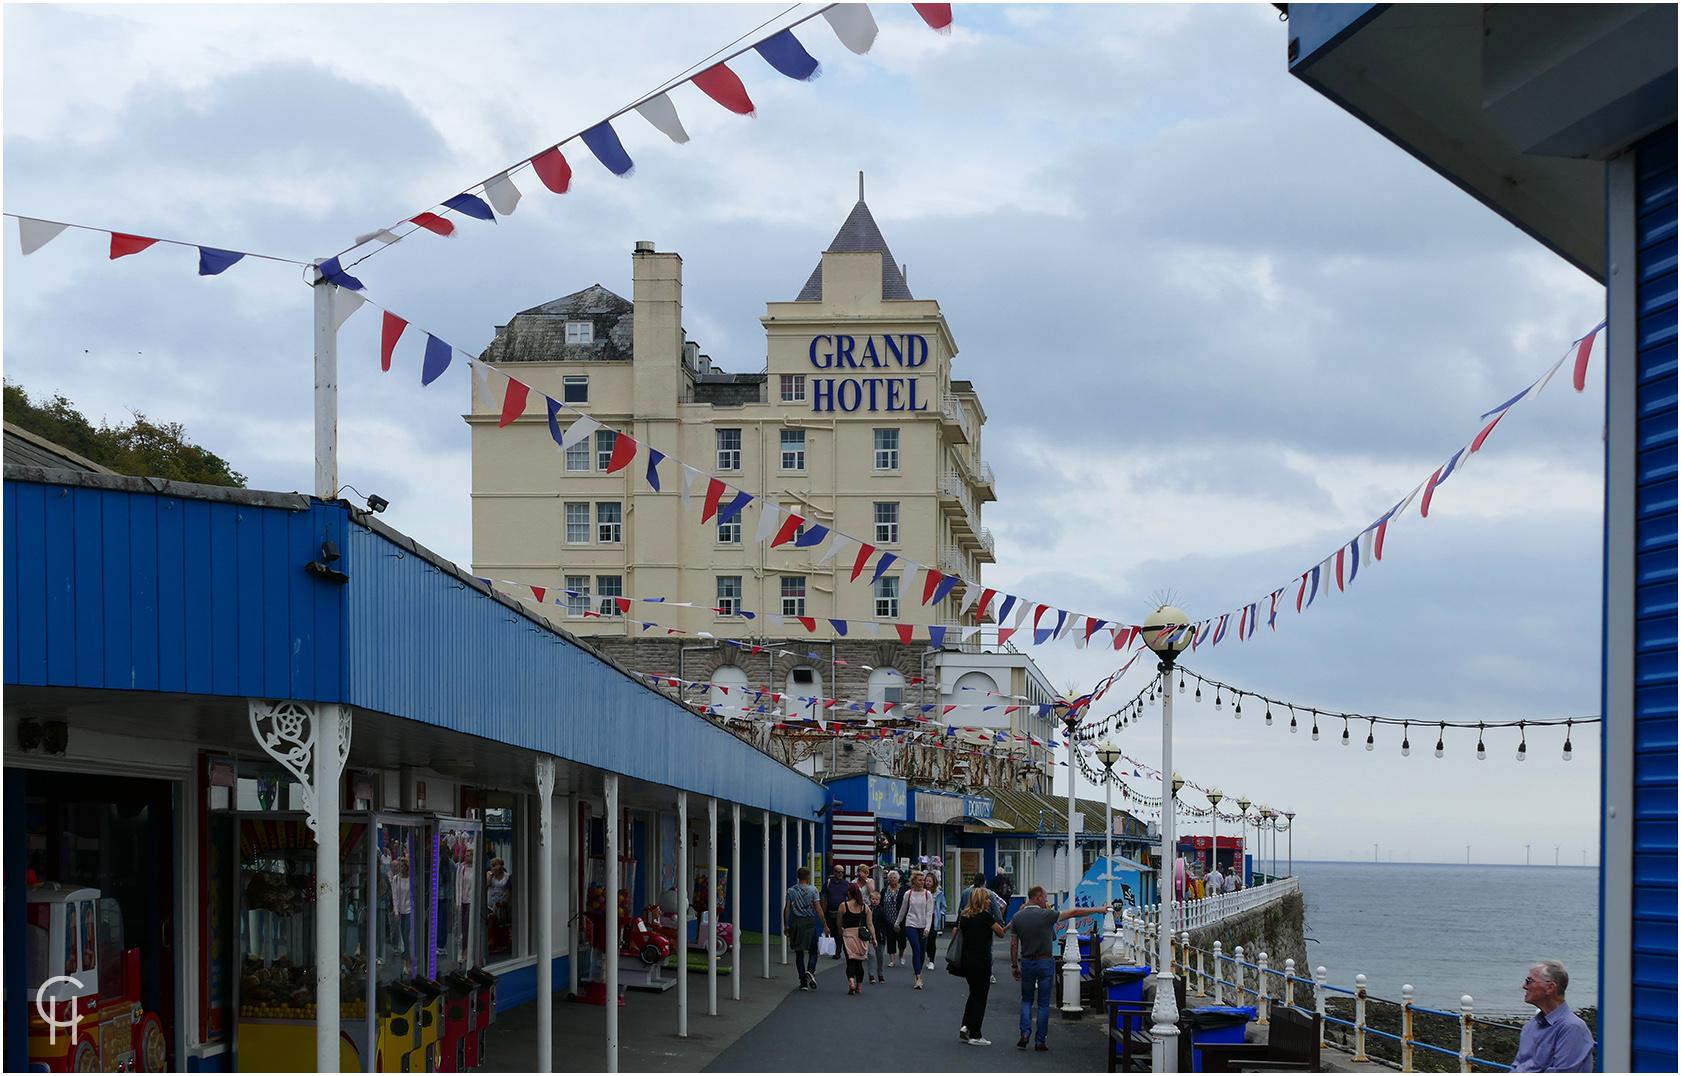 Das Grand Hotel in Llandudno, Wales